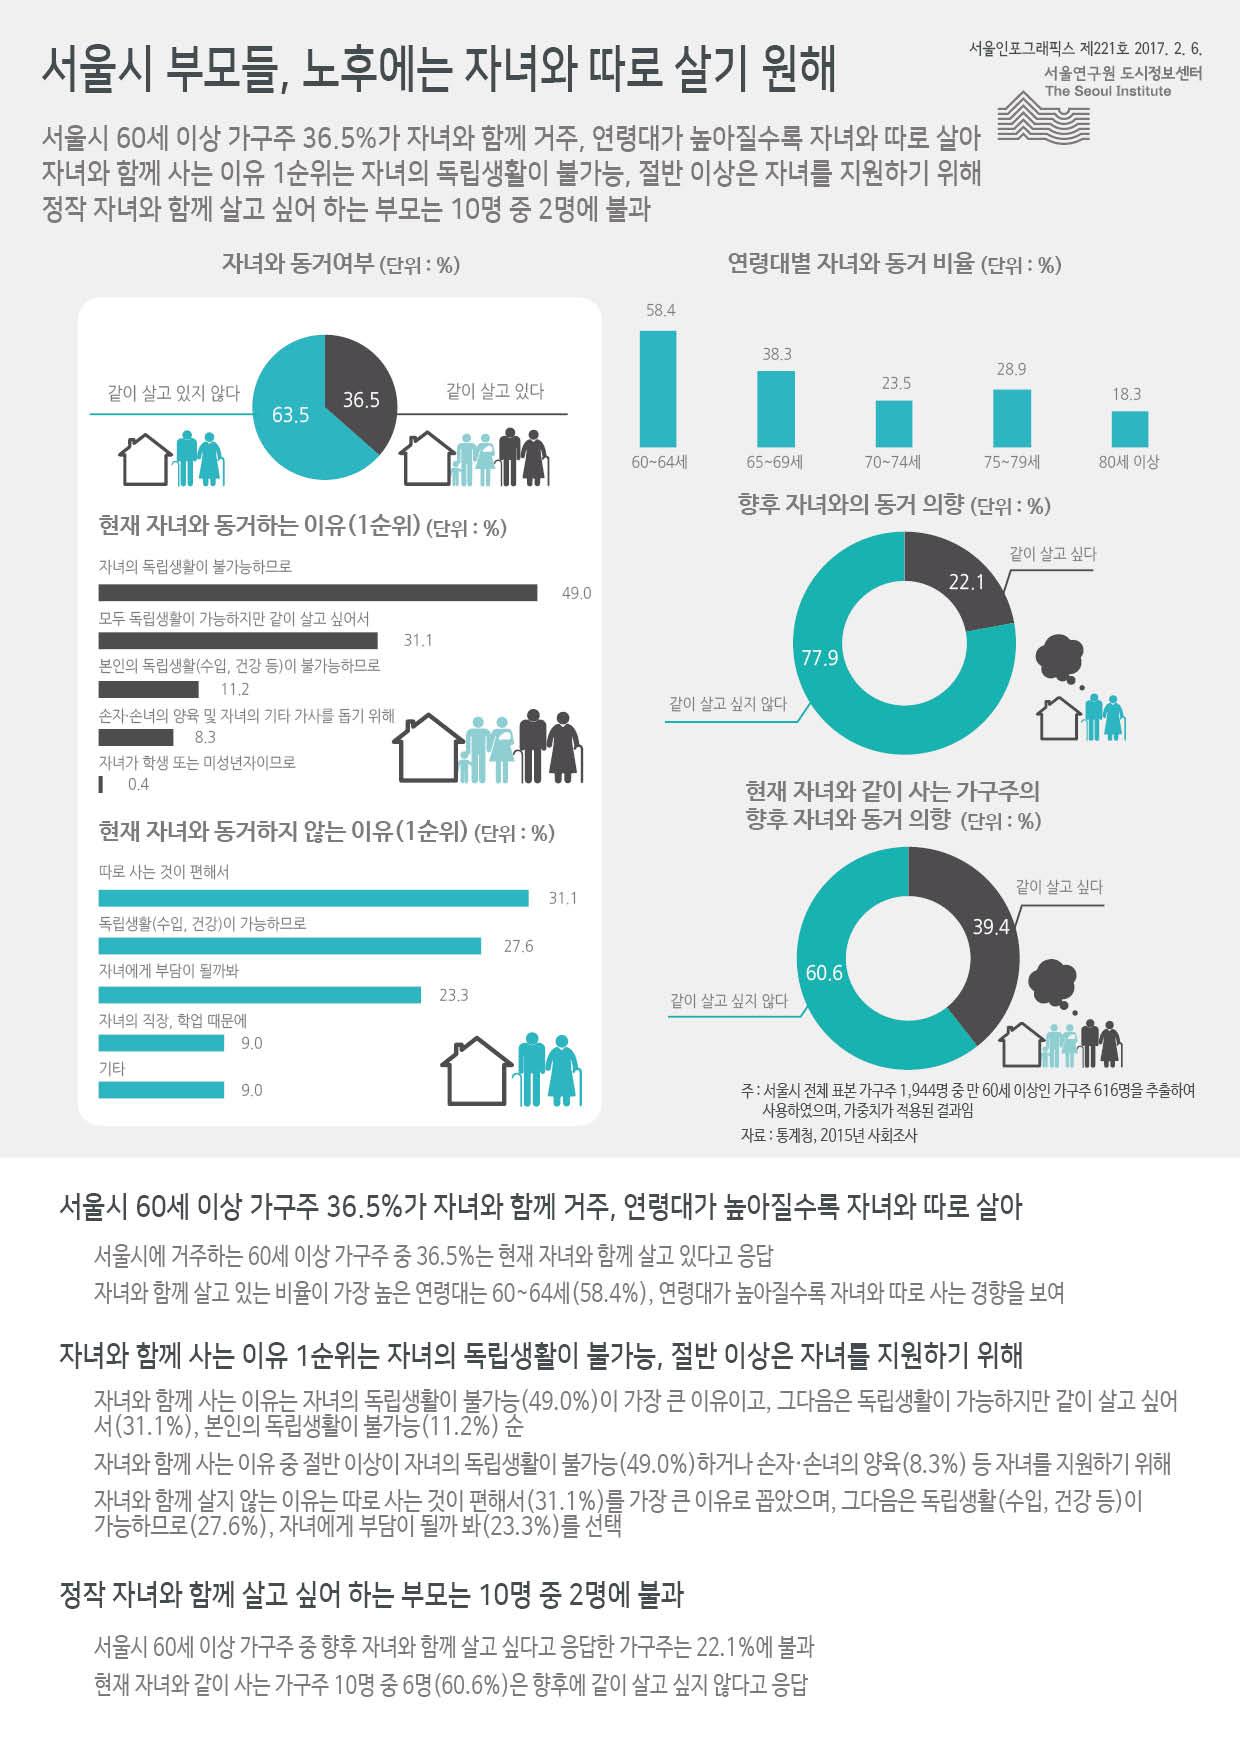 서울시 부모들, 노후에는 자녀와 따로 살기 원해 서울인포그래픽스 제221호 2017년 2월 6일 서울시 60세 이상 가구주 36.5%가 자녀와 함께 거주, 연령대가 높아질수록 자녀와 따로 삶. 자녀와 함께 사는 이유 1순위는 자녀의 독립생활이 불가능, 절반 이상은 자녀를 지원하기 위해. 정작 자녀와 함께 살고 싶어 하는 부모는 10명 중 2명에 불과함으로 정리될 수 있습니다. 인포그래픽으로 제공되는 그래픽은 하단에 표로 자세히 제공됩니다.